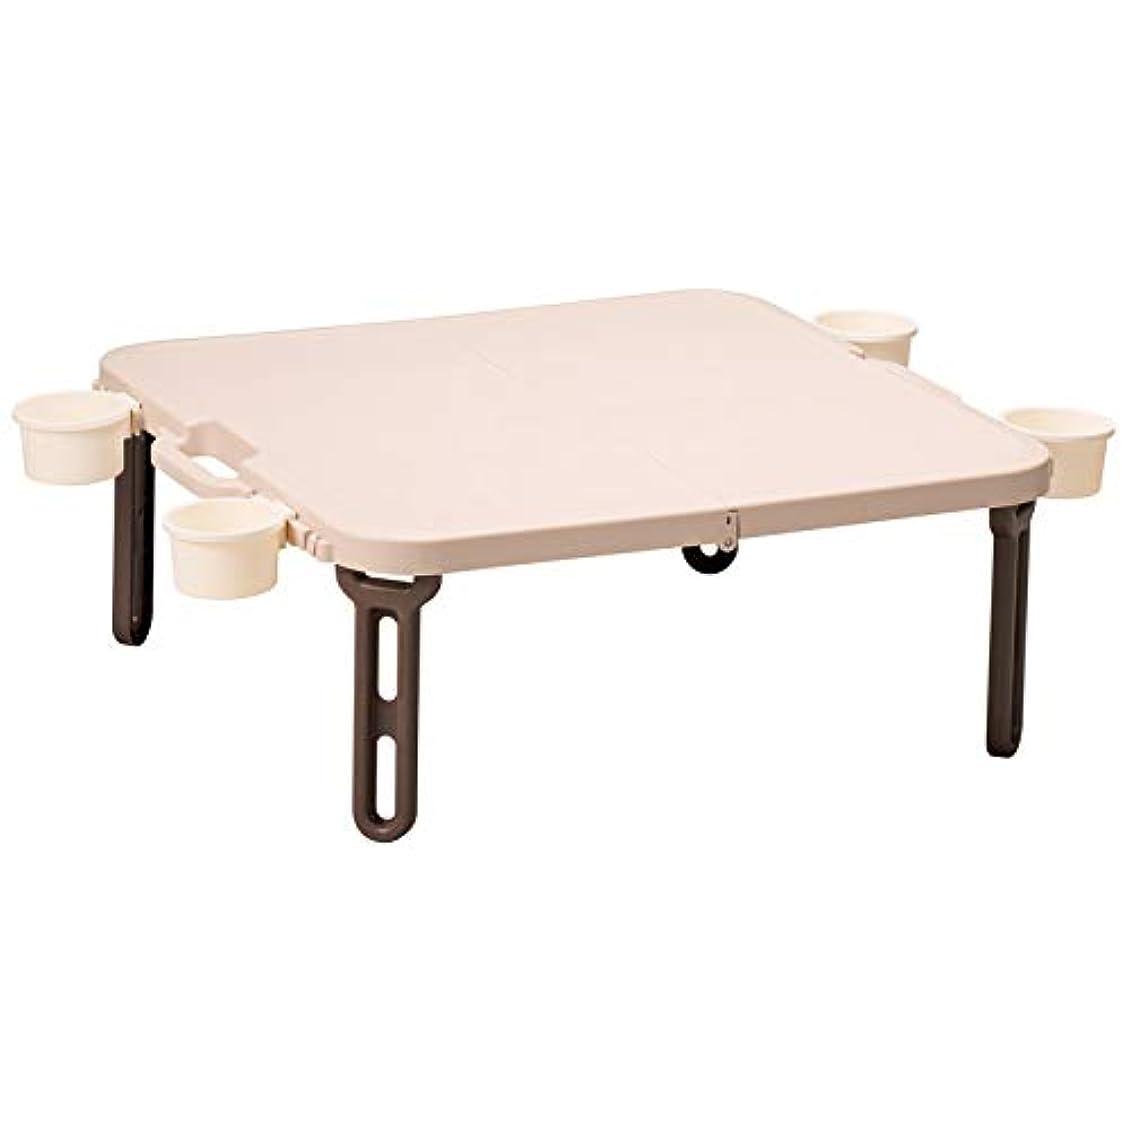 租界意味のあるホスト日本製 ピクニックテーブル 折りたたみテーブル バタフライレジャーテーブル 角型+バタフライバッグセット